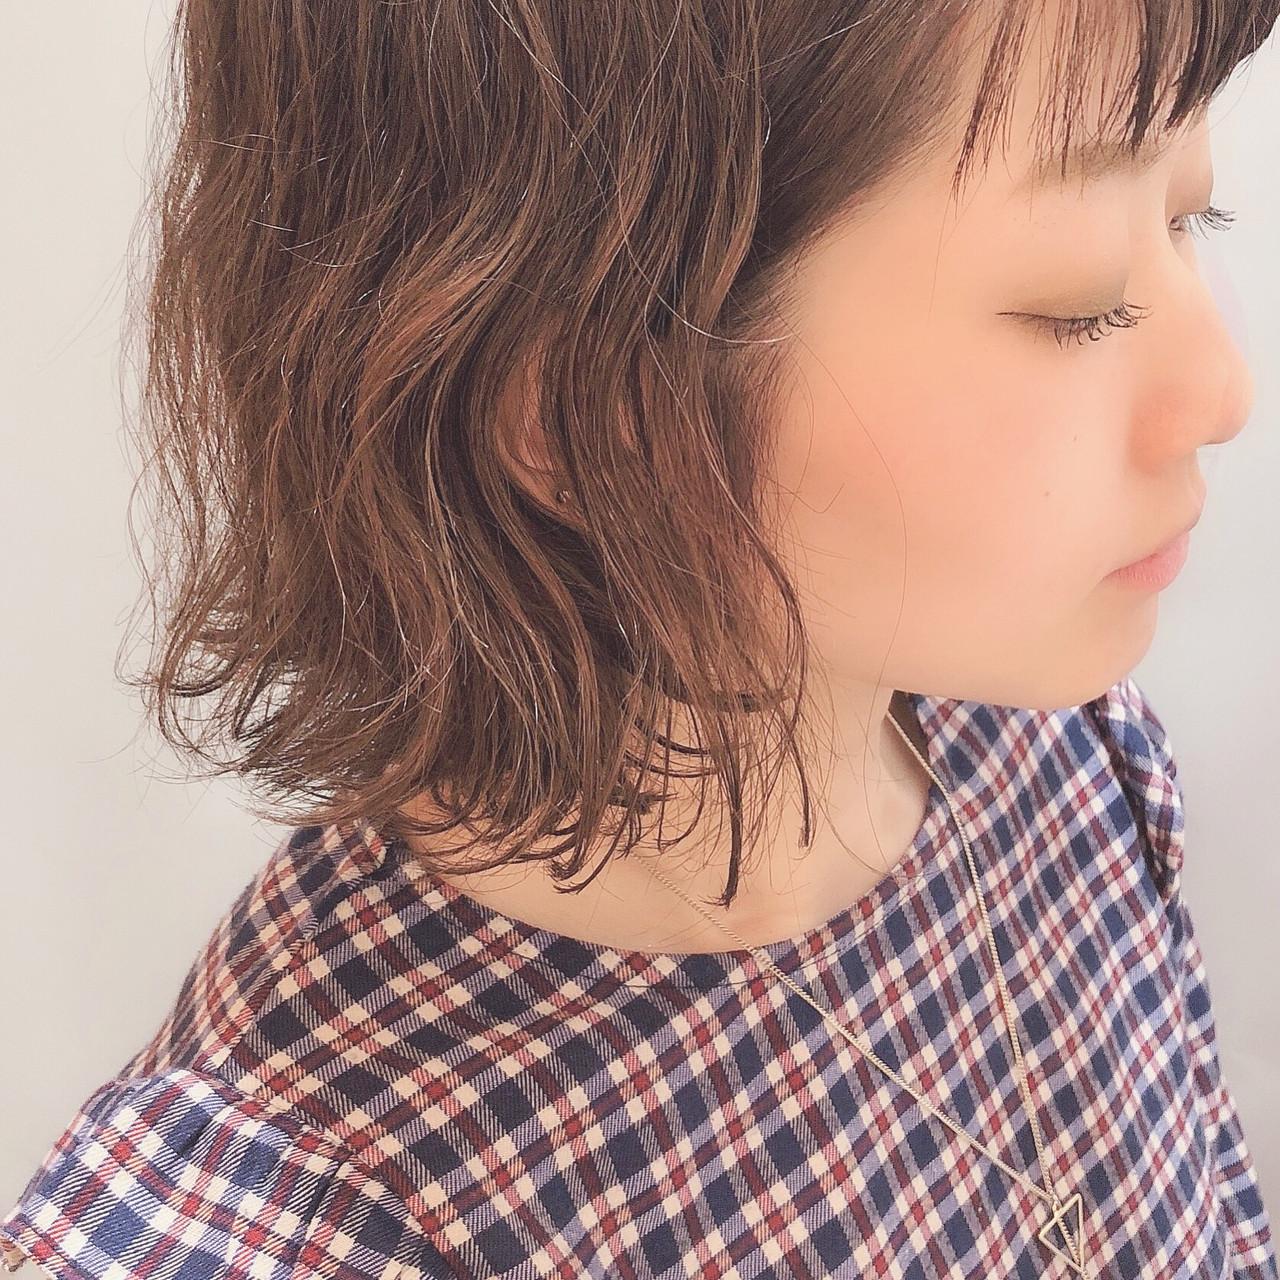 ナチュラル 大人可愛い モテ髪 ゆるナチュラル ヘアスタイルや髪型の写真・画像